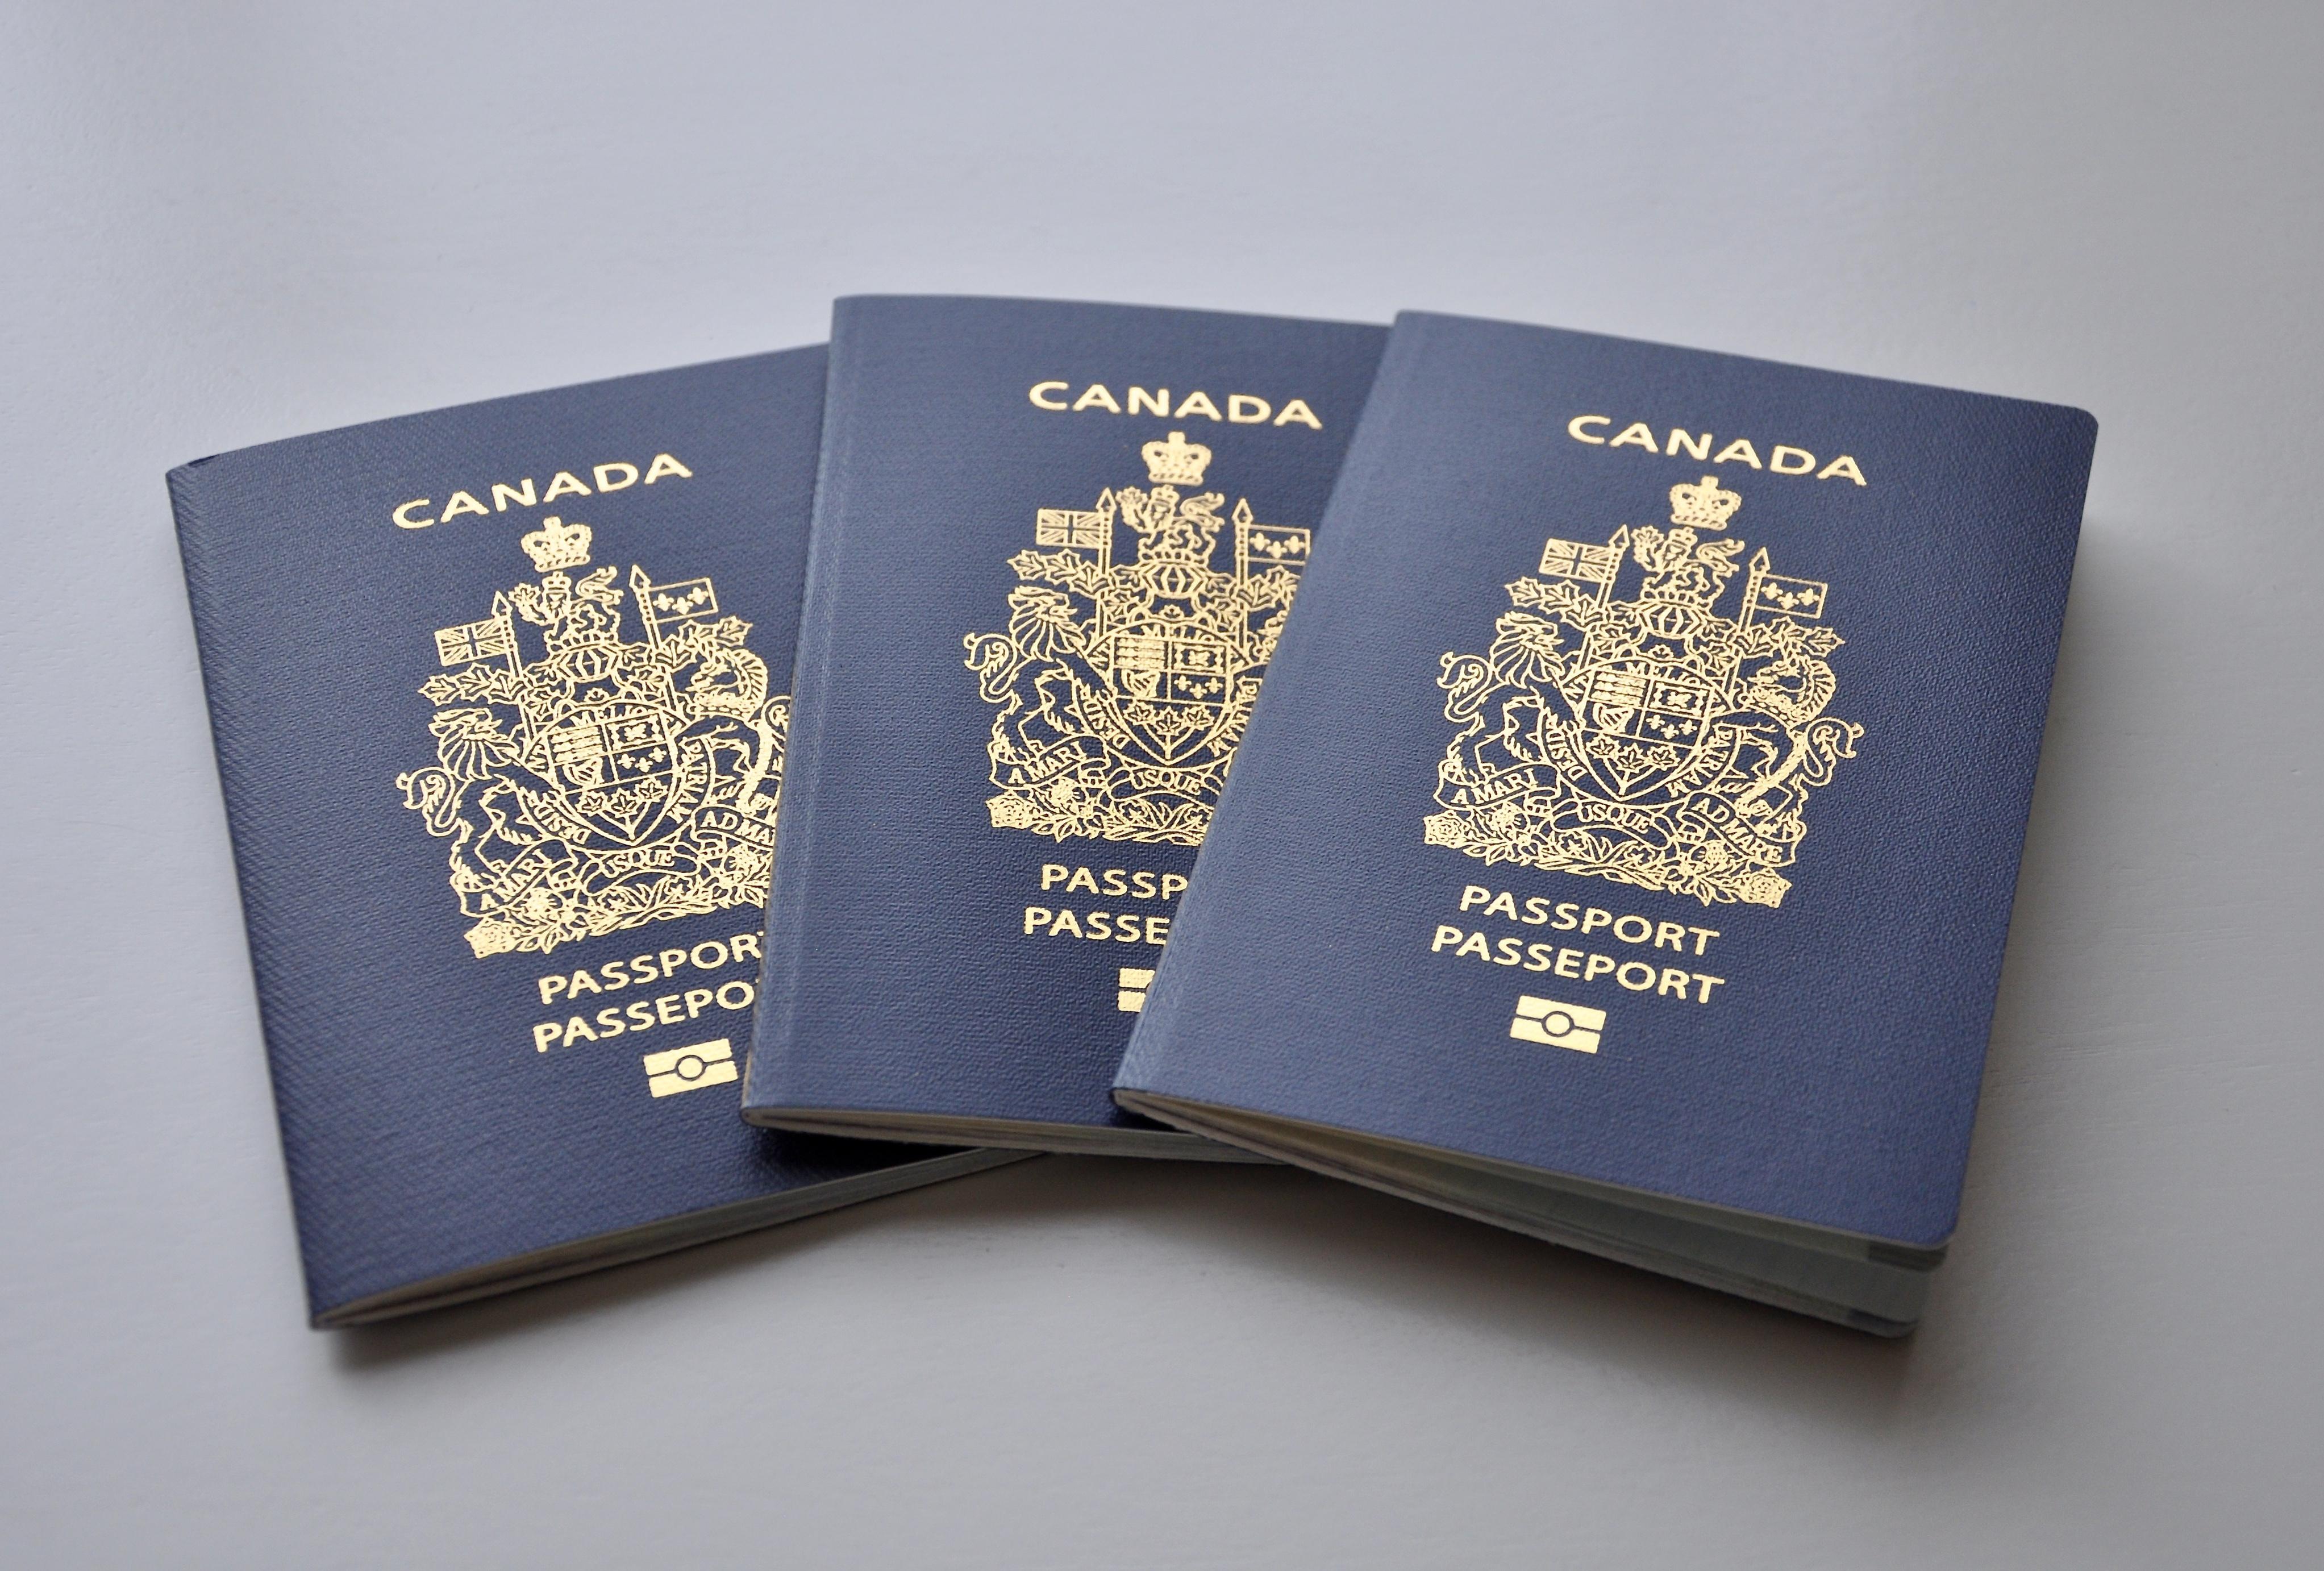 Канадские паспорта, которые могут получить россияне